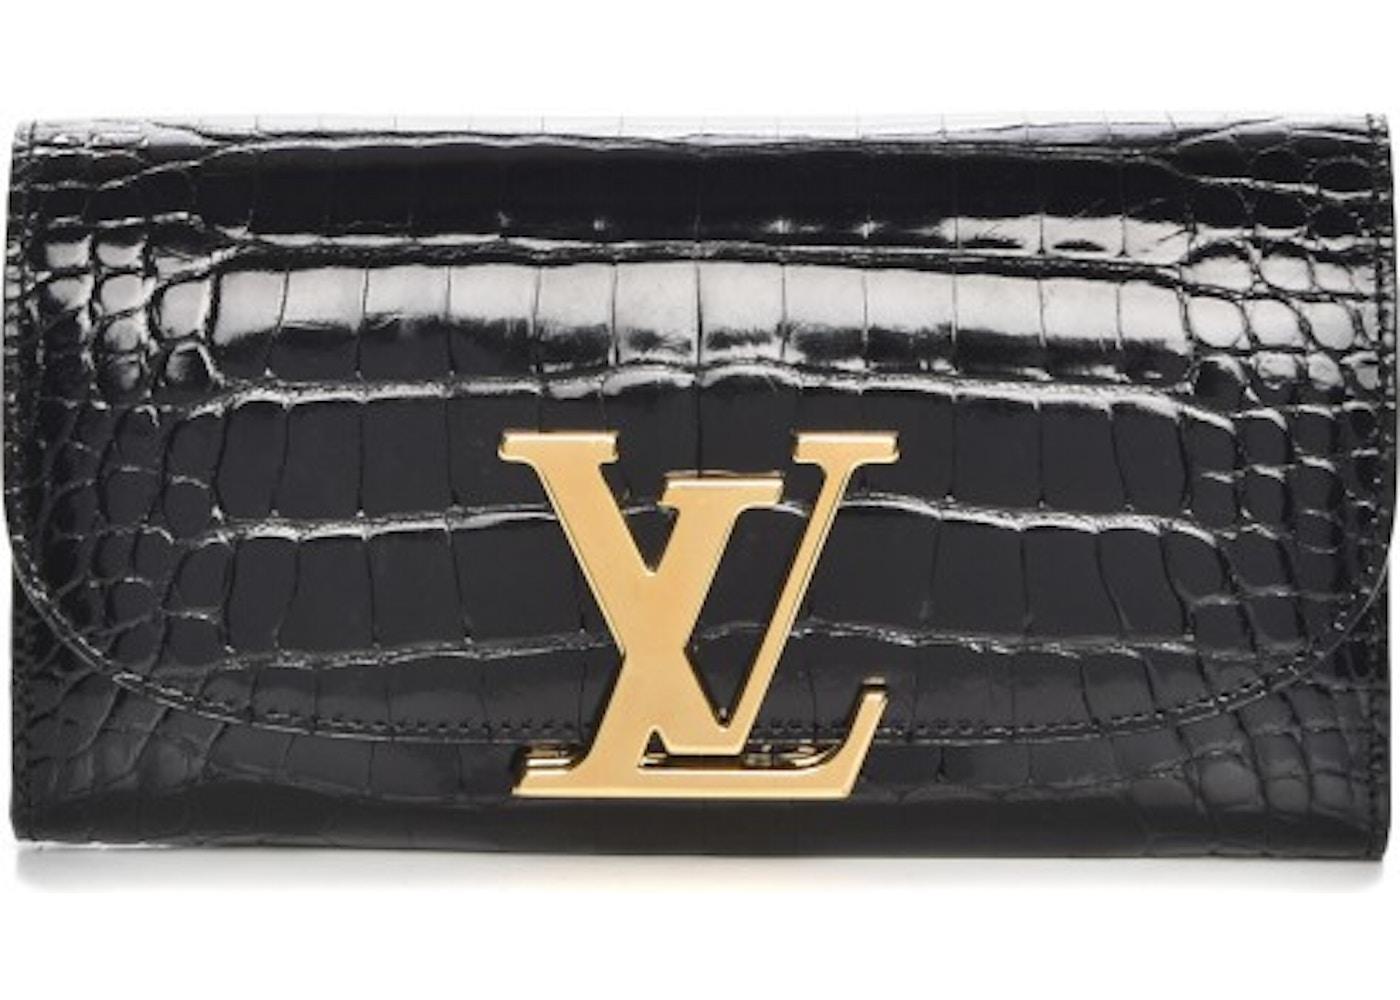 66cc62c8dcf8 Louis Vuitton Wallet Vivienne LV Long Noir Black. Long Noir Black